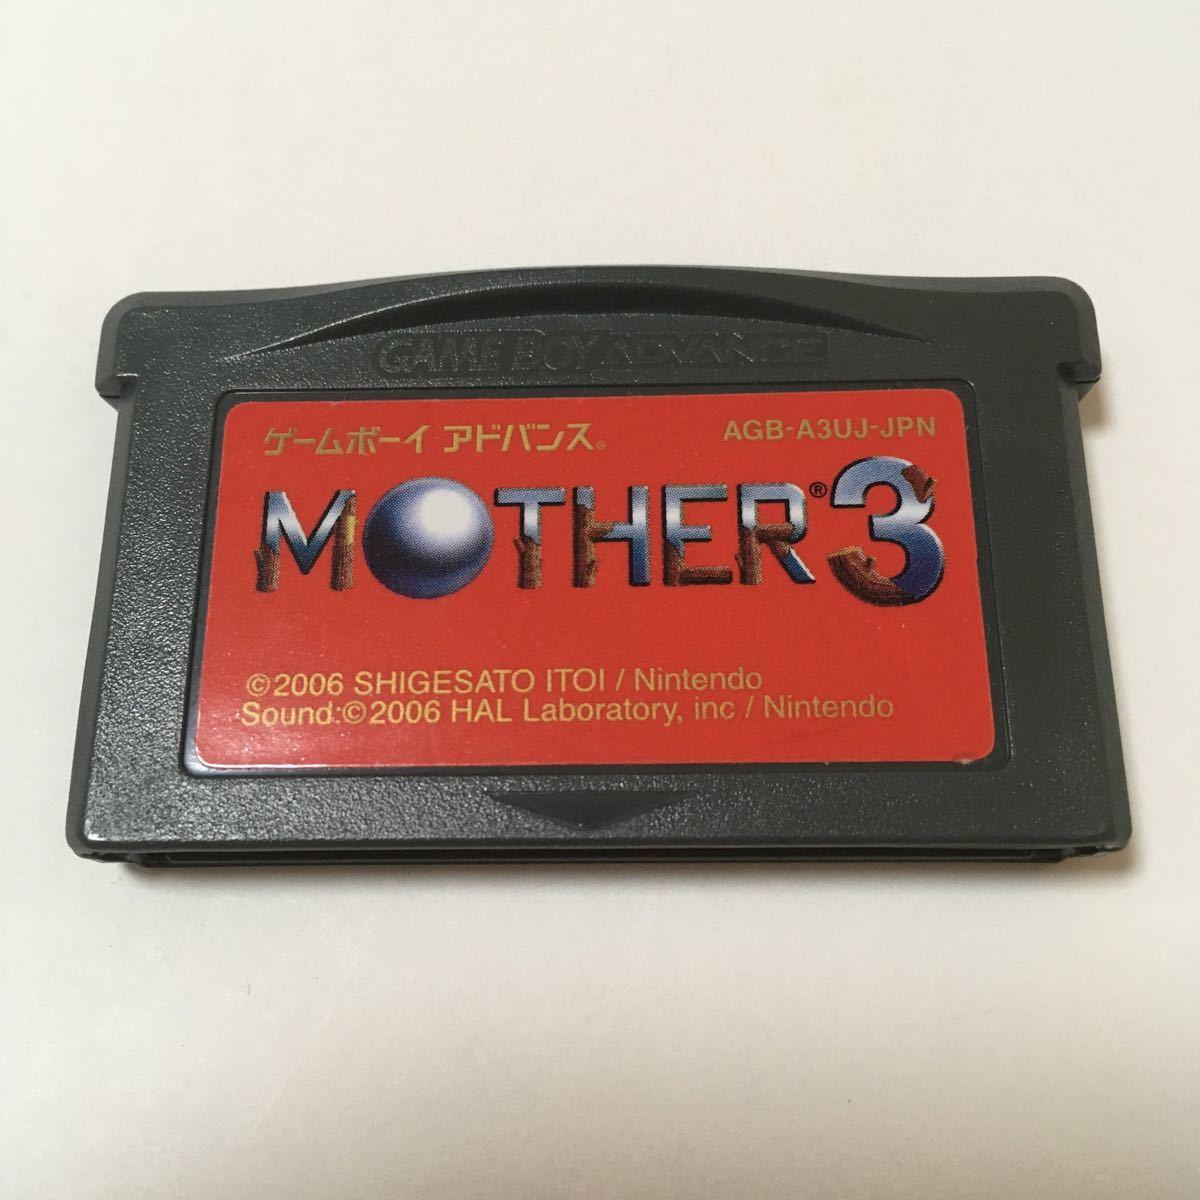 ゲームボーイアドバンス ソフト MOTHER3 動作確認済み マザー3 ネス レトロ ゲーム カセット 任天堂 GBA